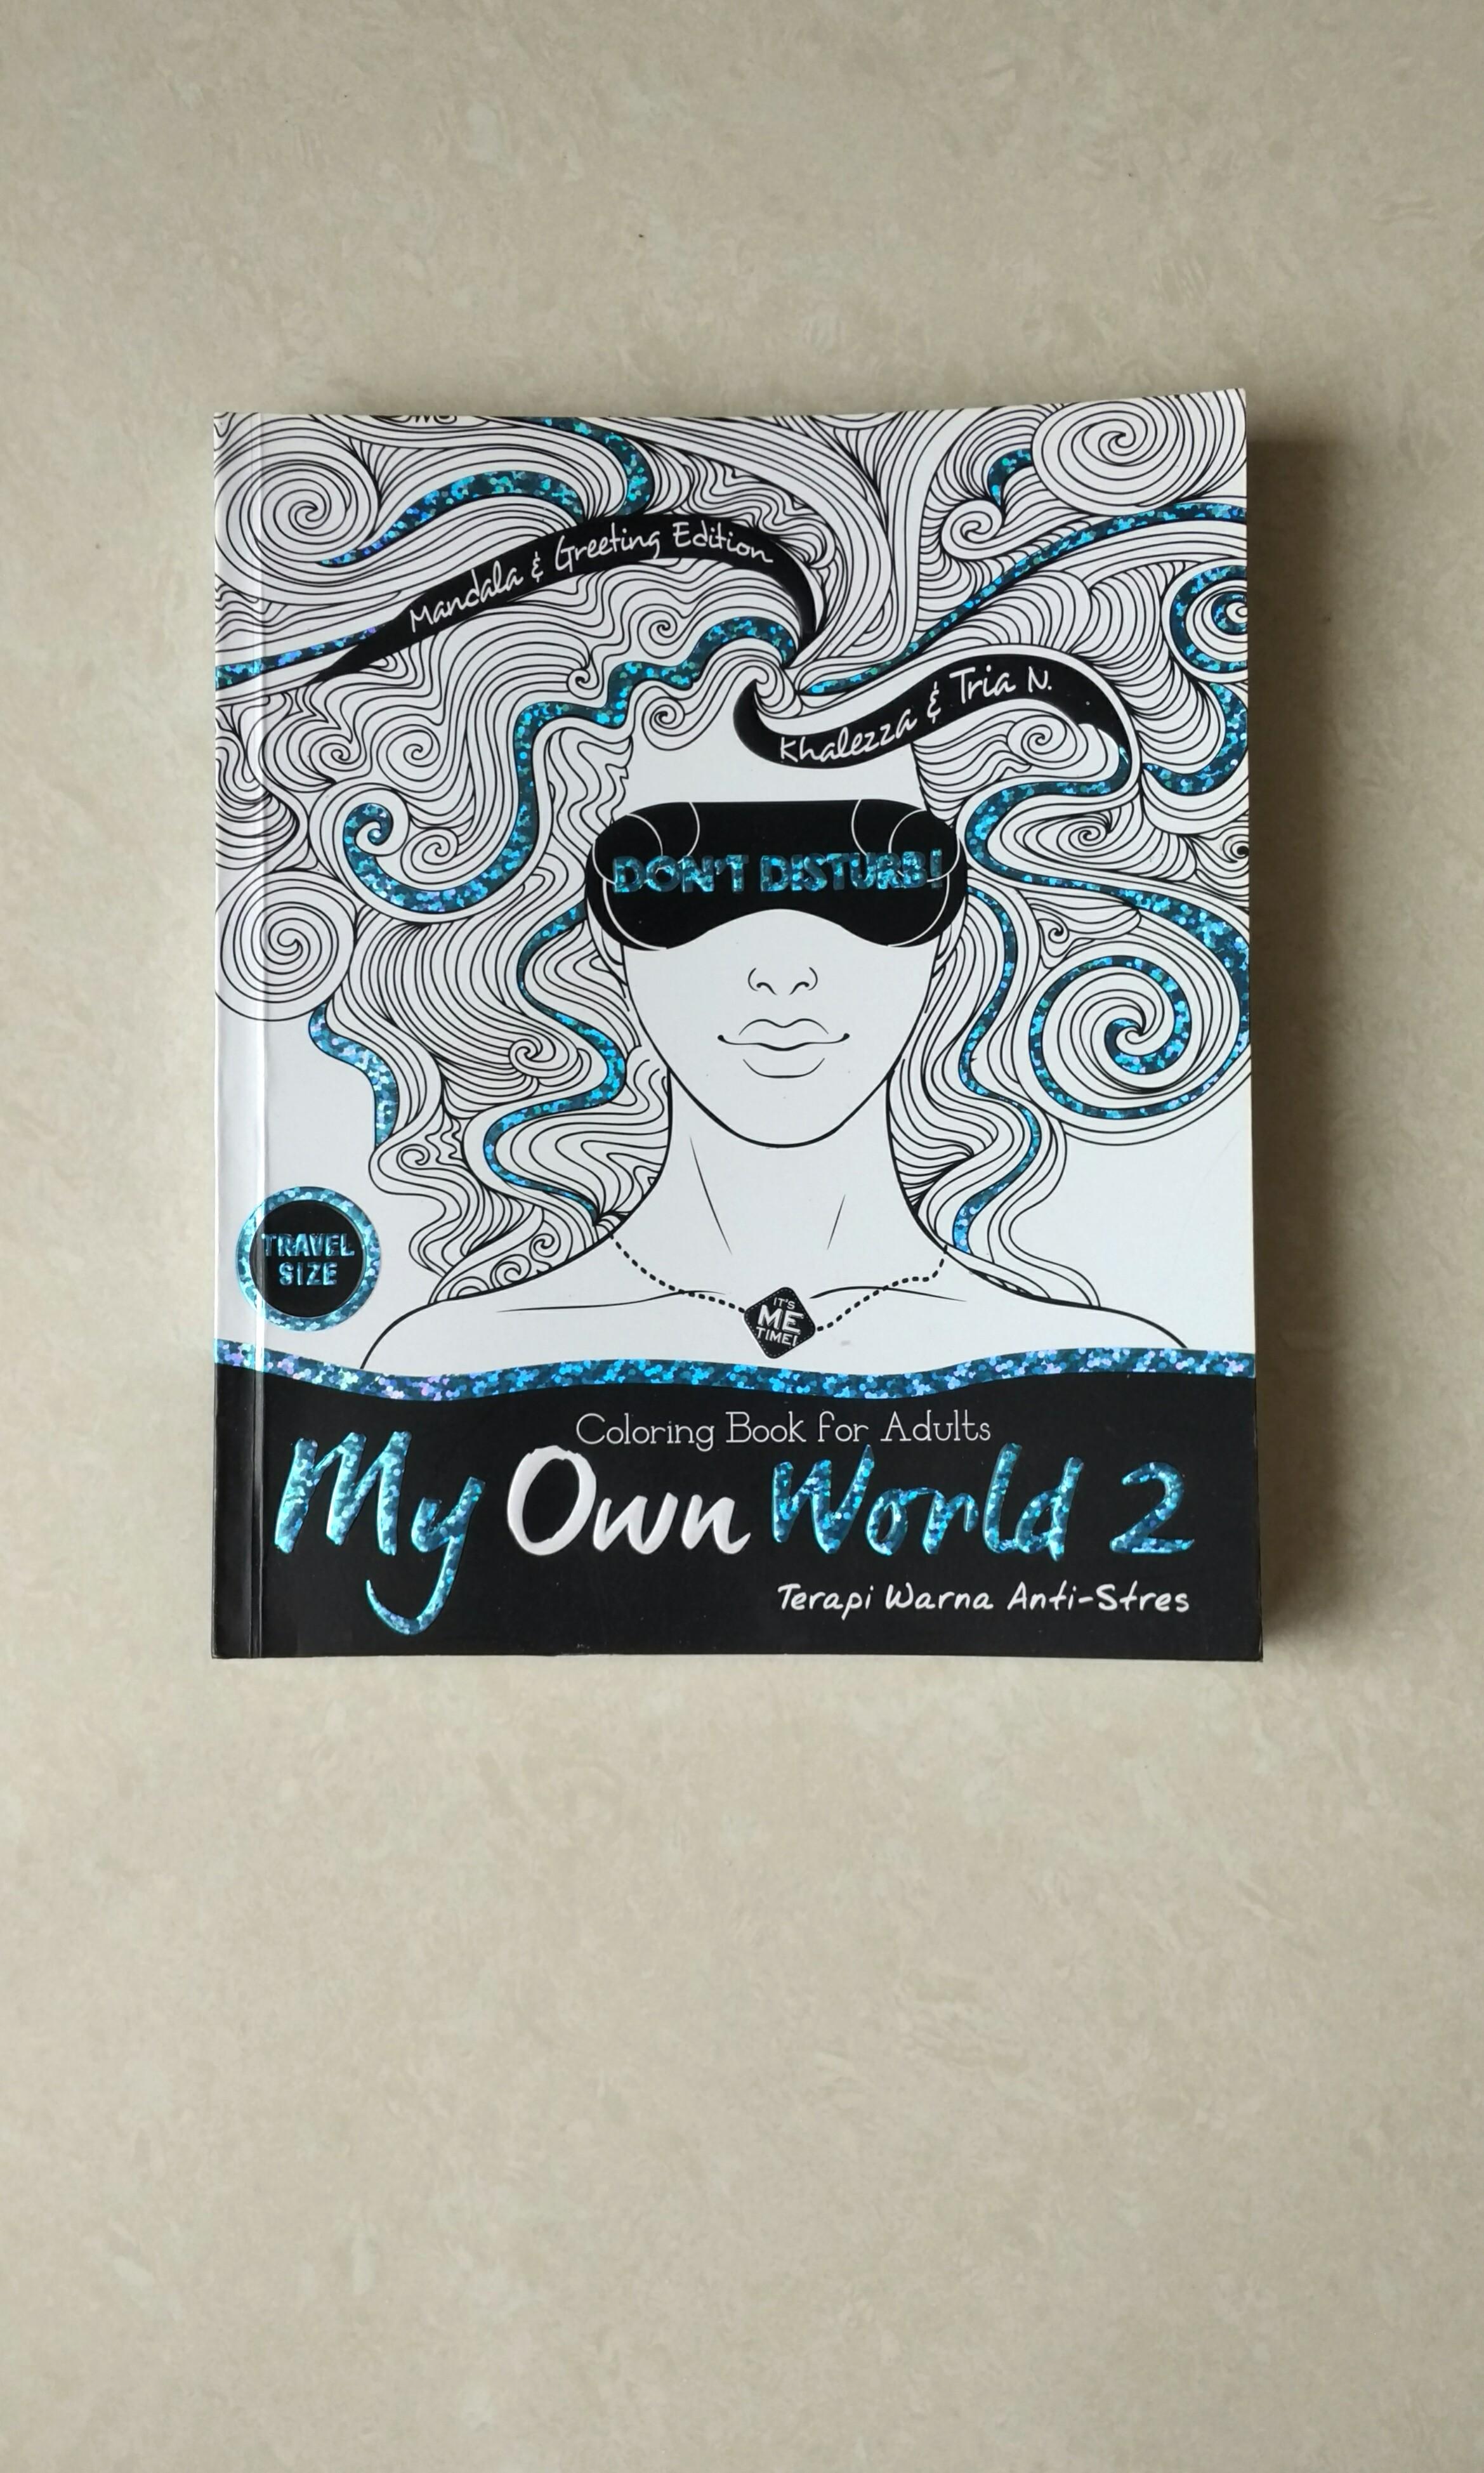 Coloring Book For Adult Buku Alat Tulis Buku Di Carousell